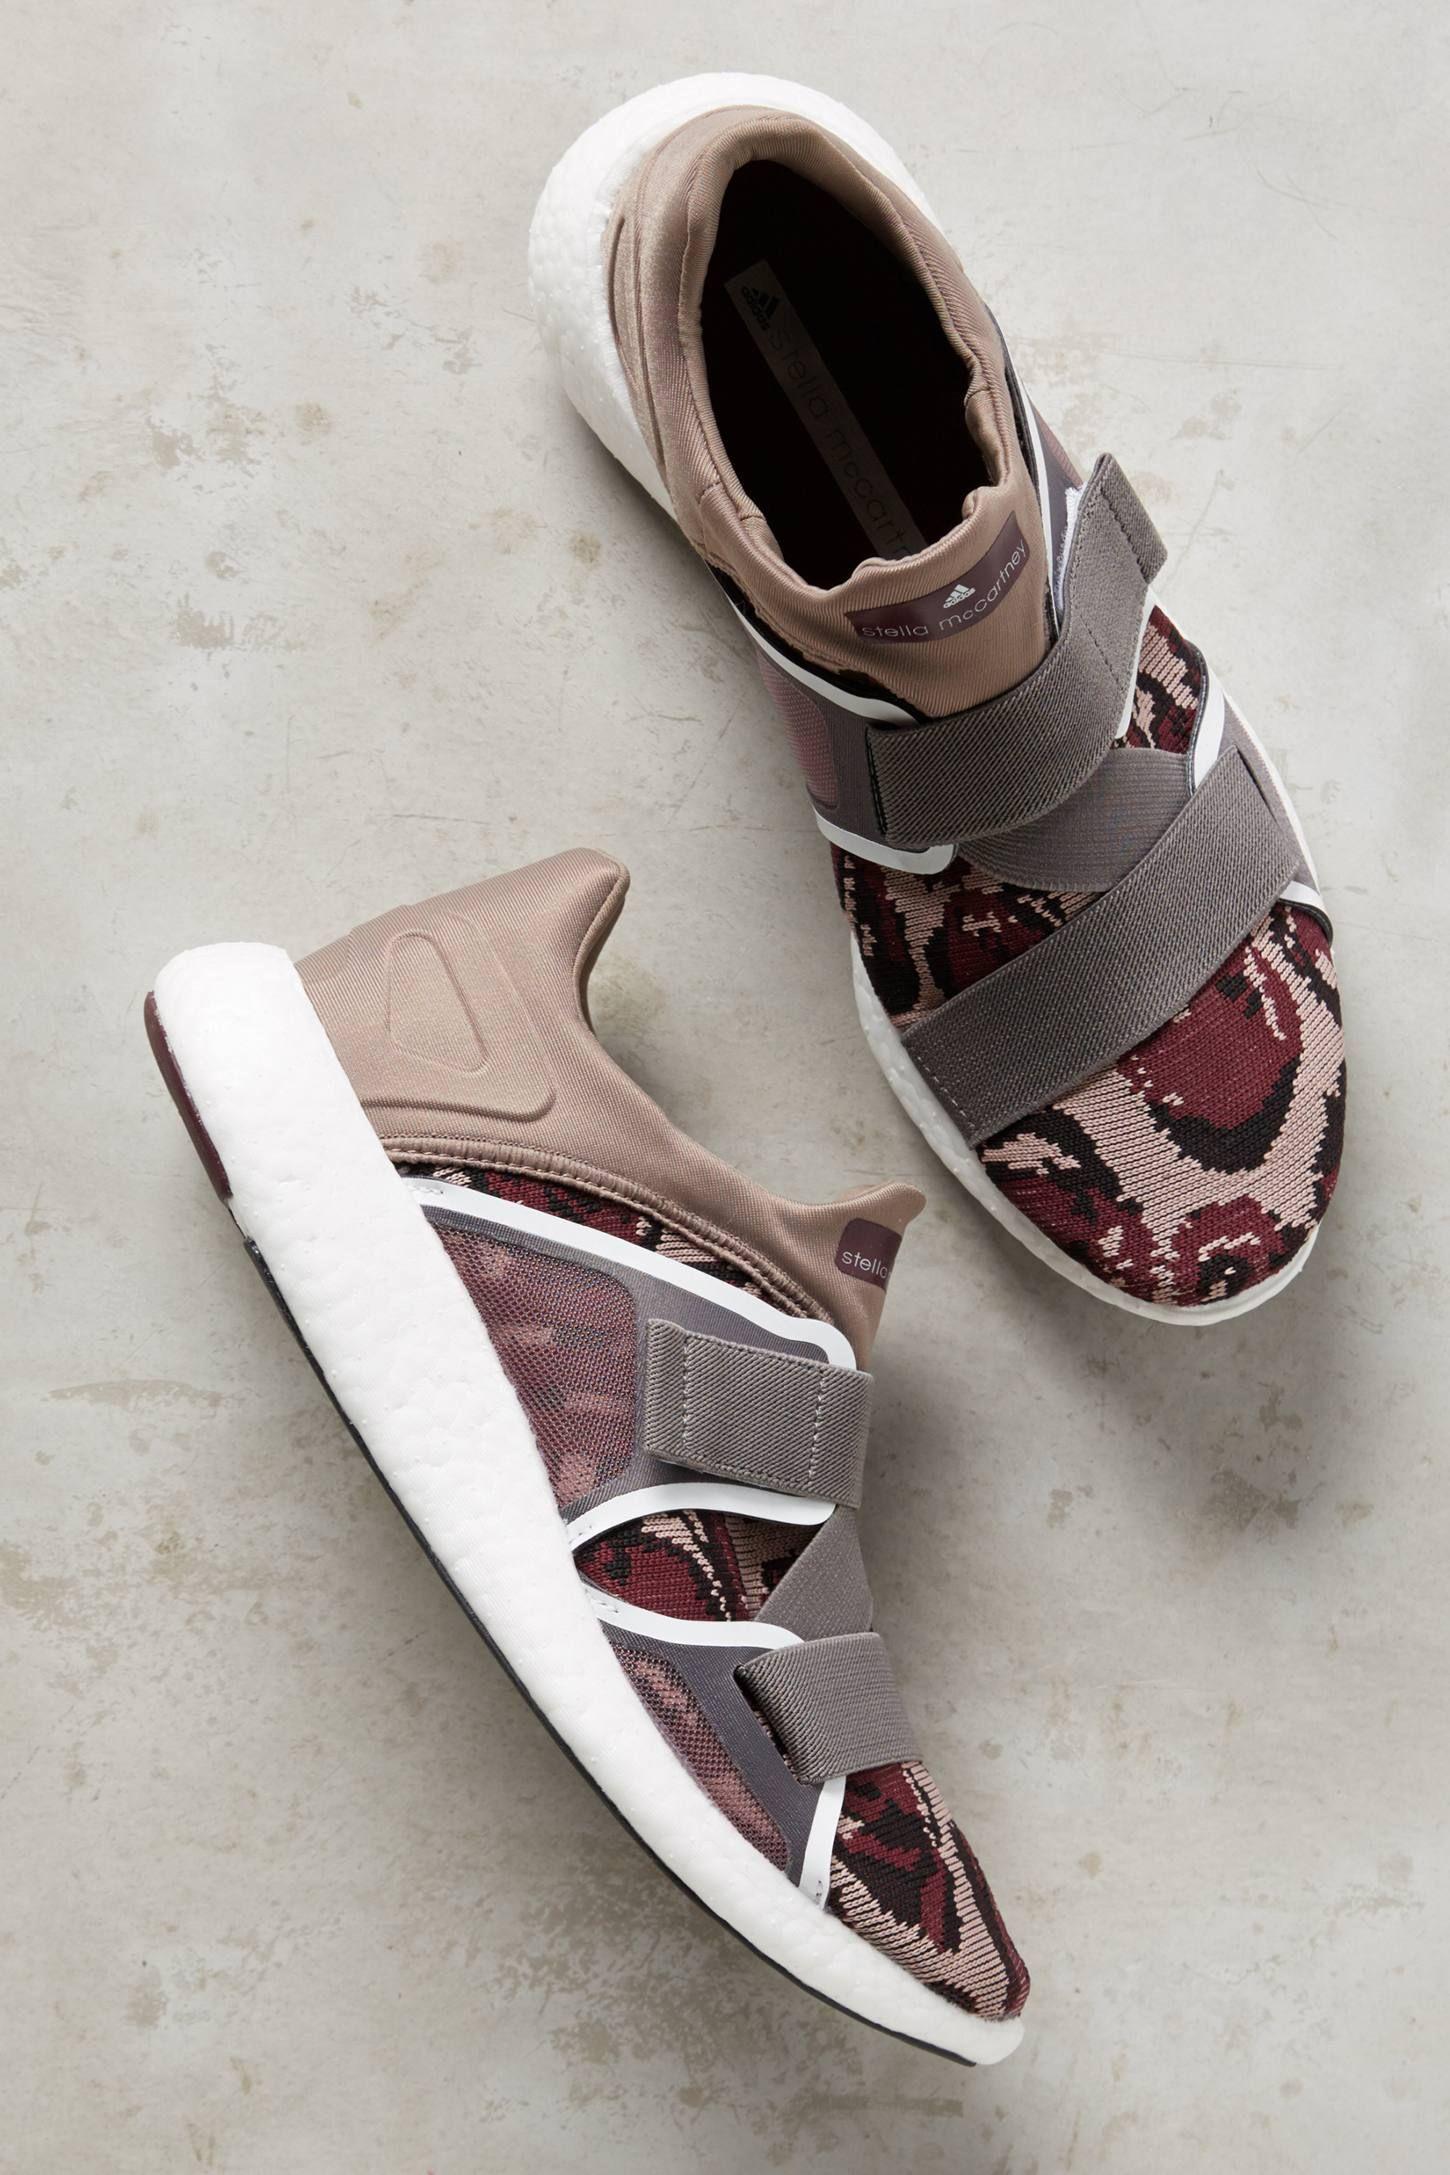 adidas tennis shoes nmd, Adidas By Stella Mccartney Feldspar